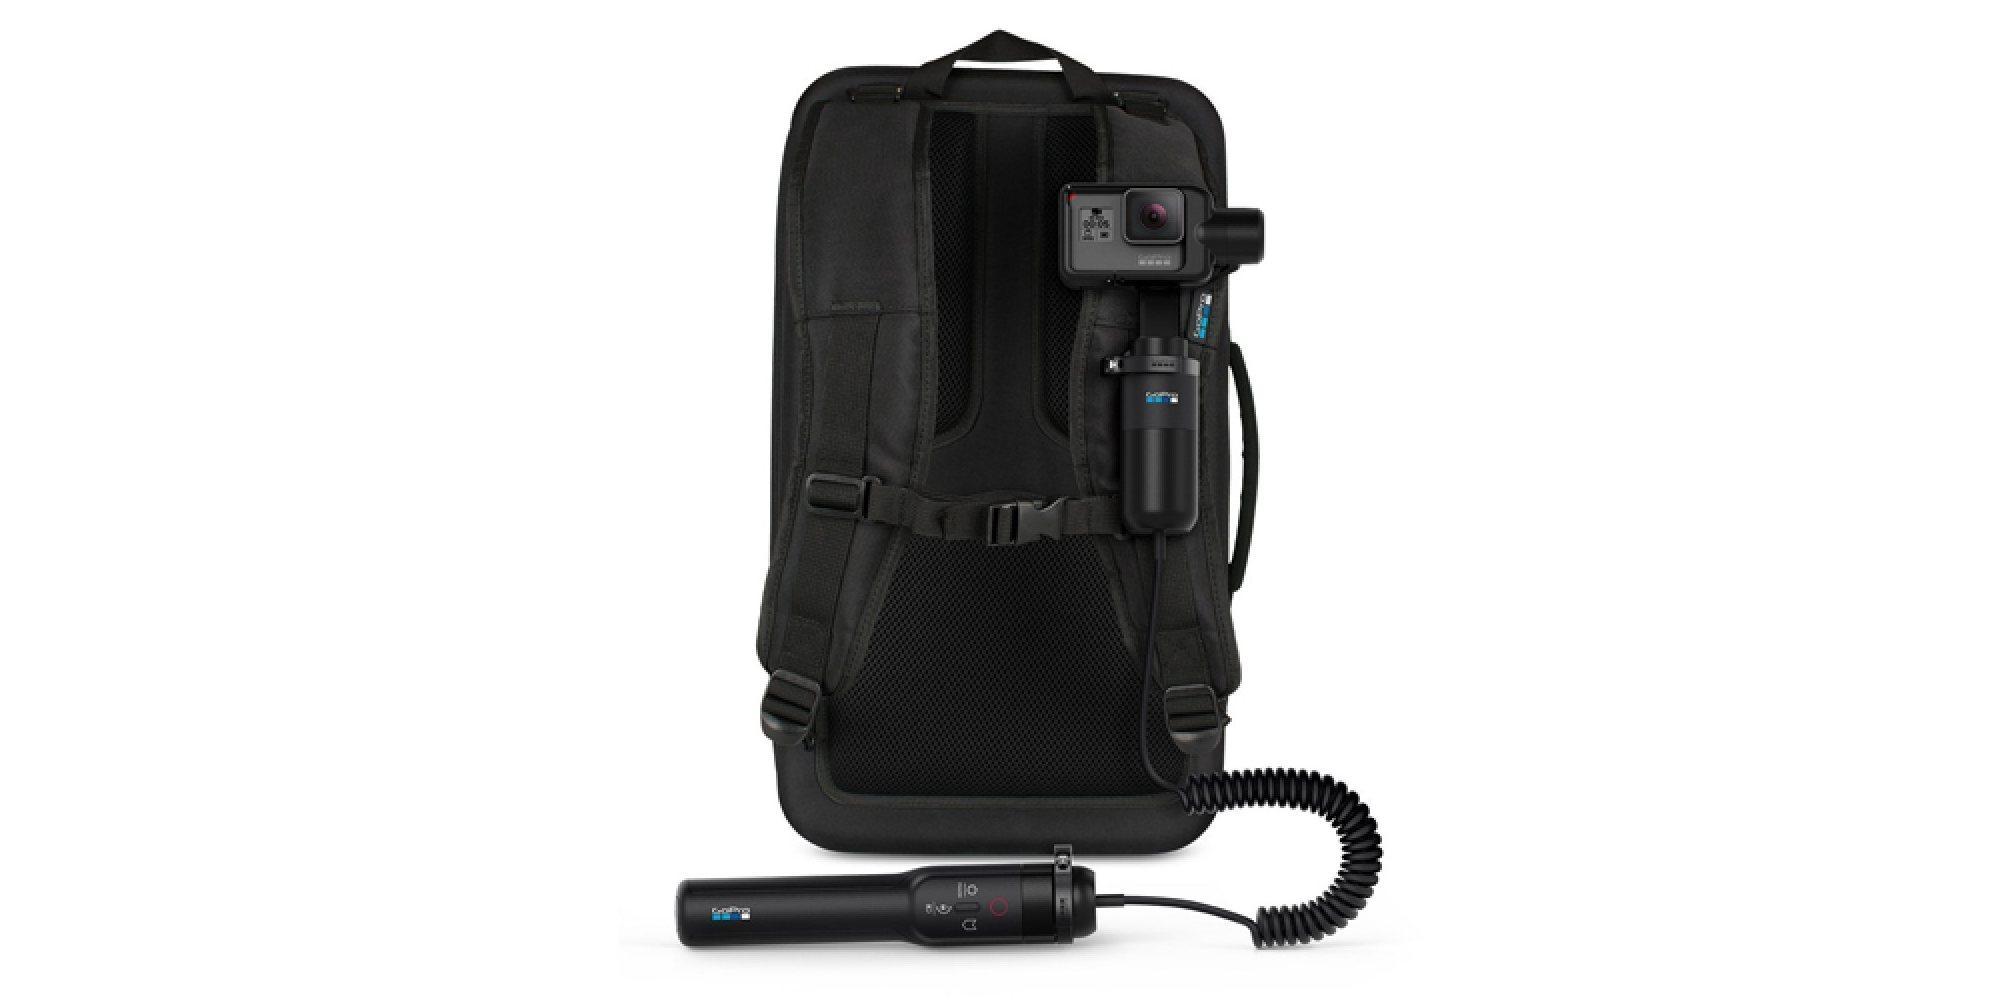 Кабель-удлинитель GoPro Karma Grip Extension Cable (AGNCK-001) на рюкзаке